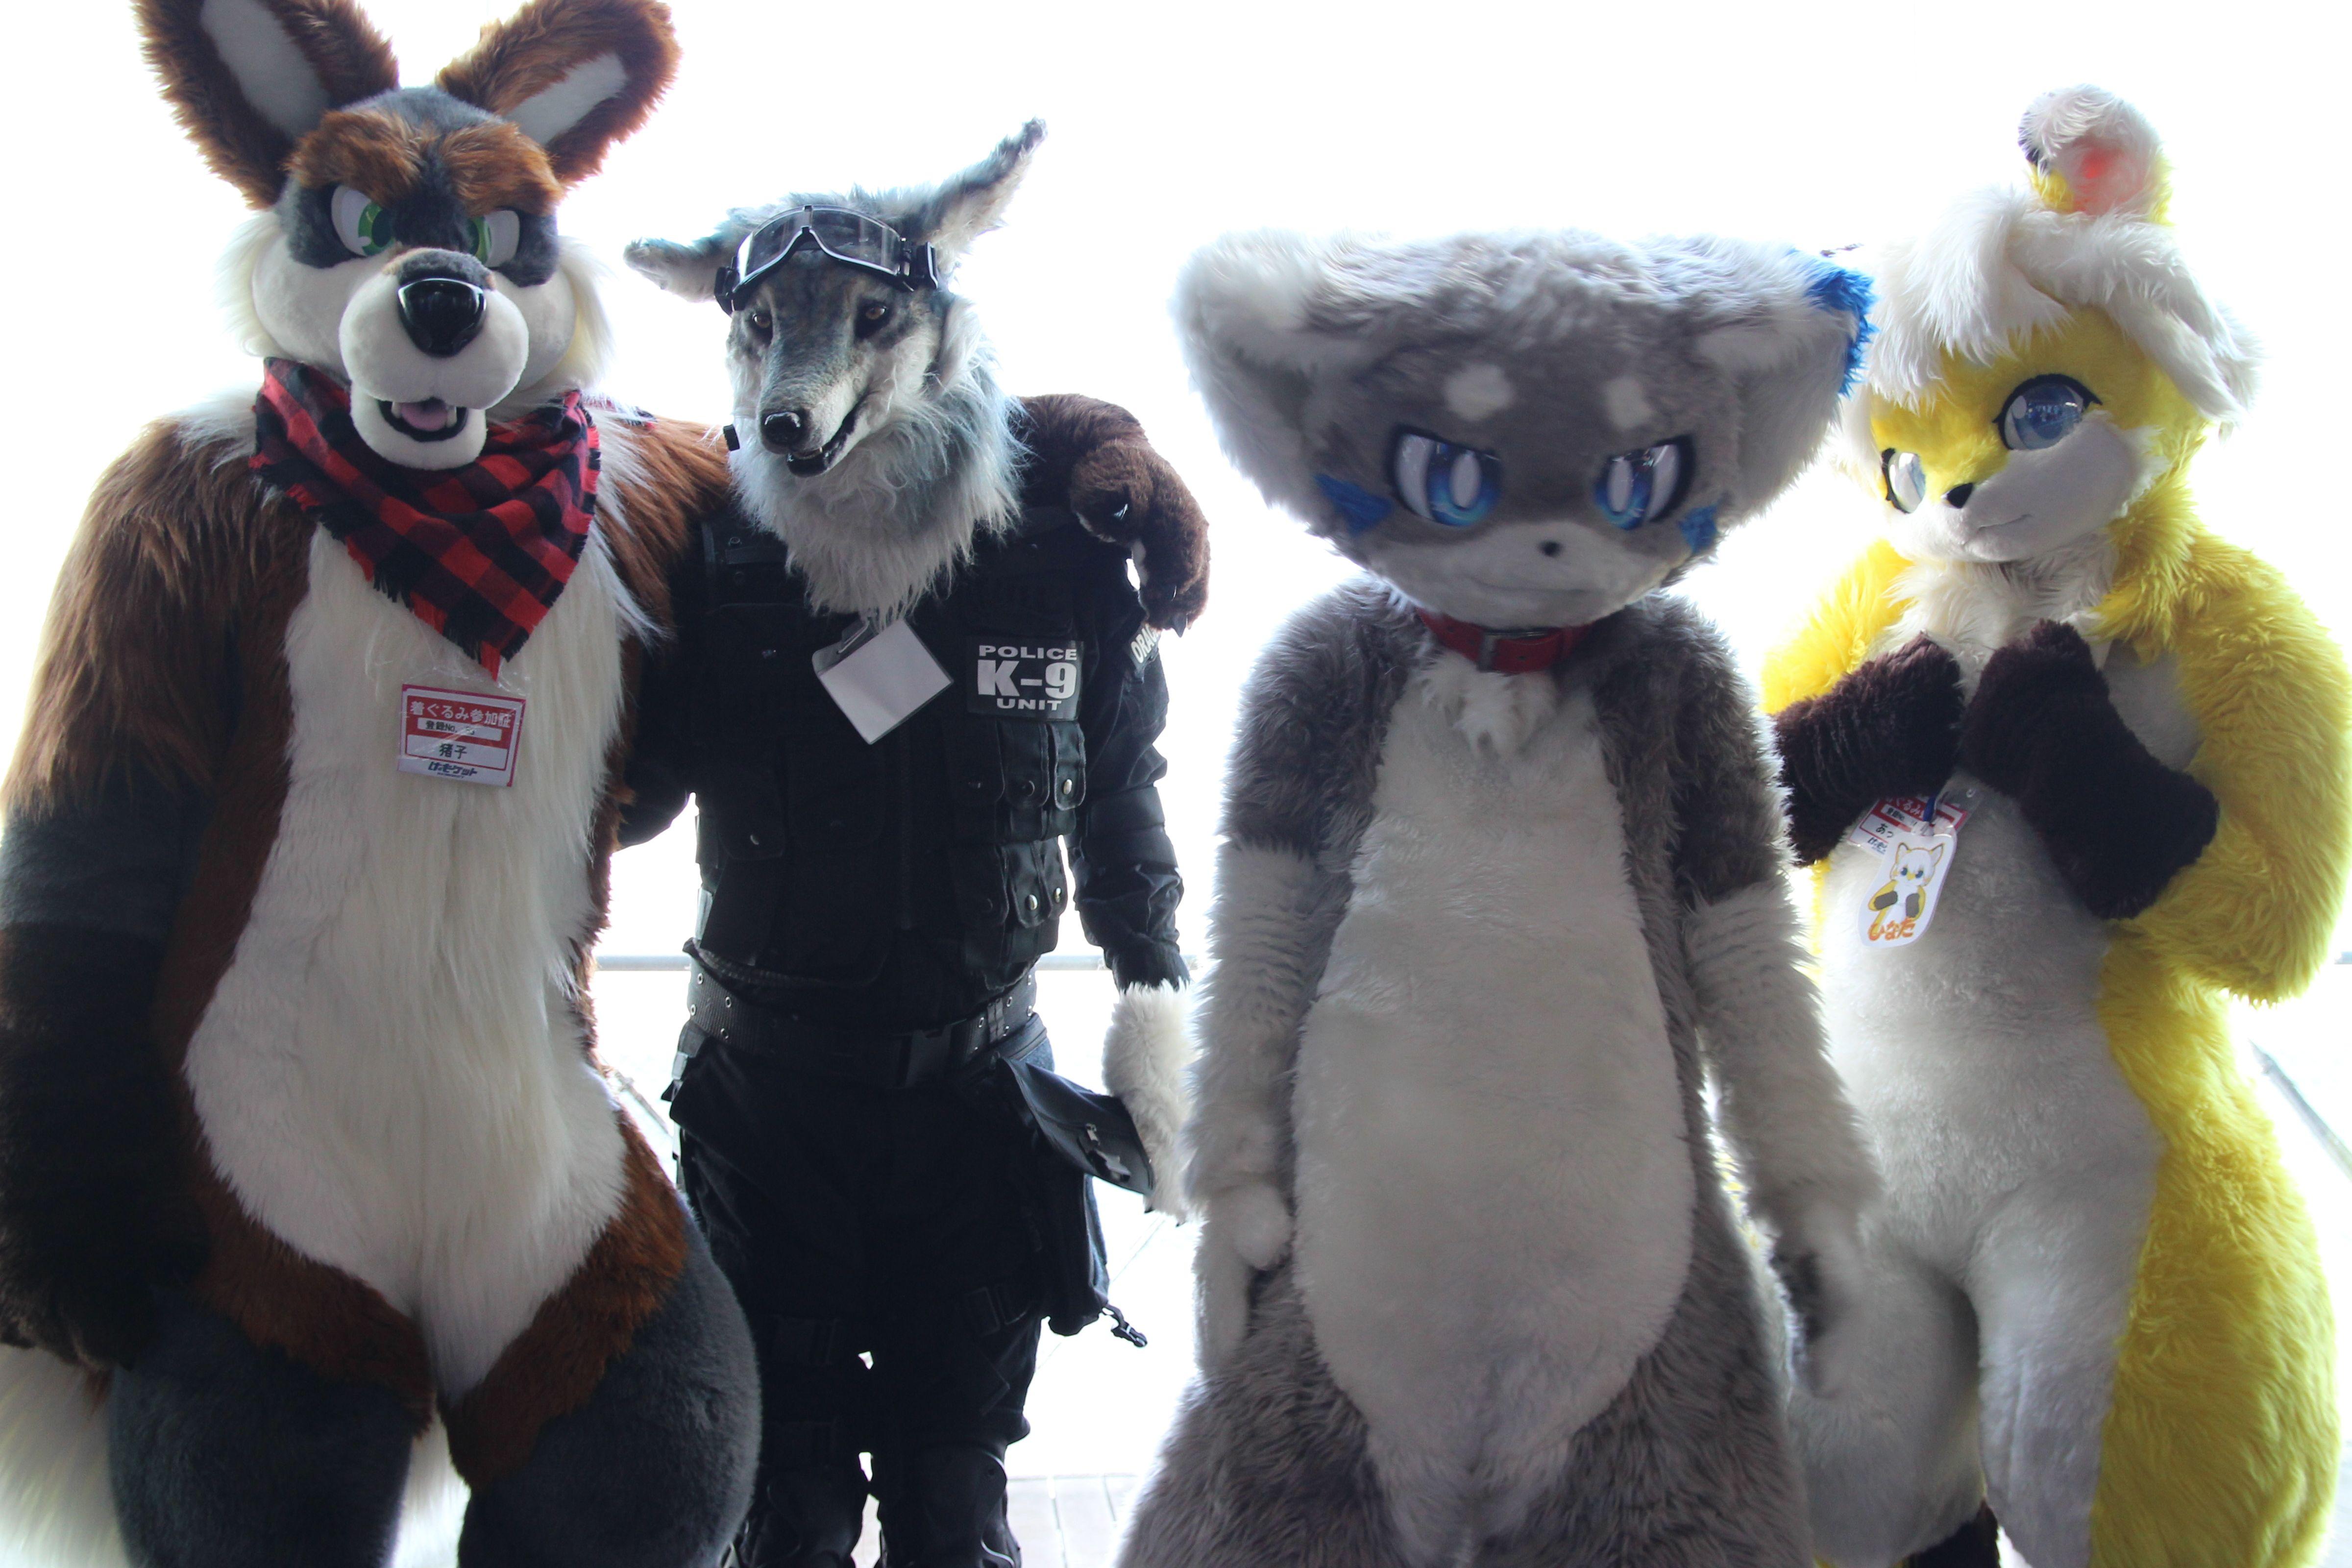 けもケット4@横浜大さん橋ホール~動物・獣人・ドラゴン・マスコット・版権・創作を含むケモノオンリーイベント